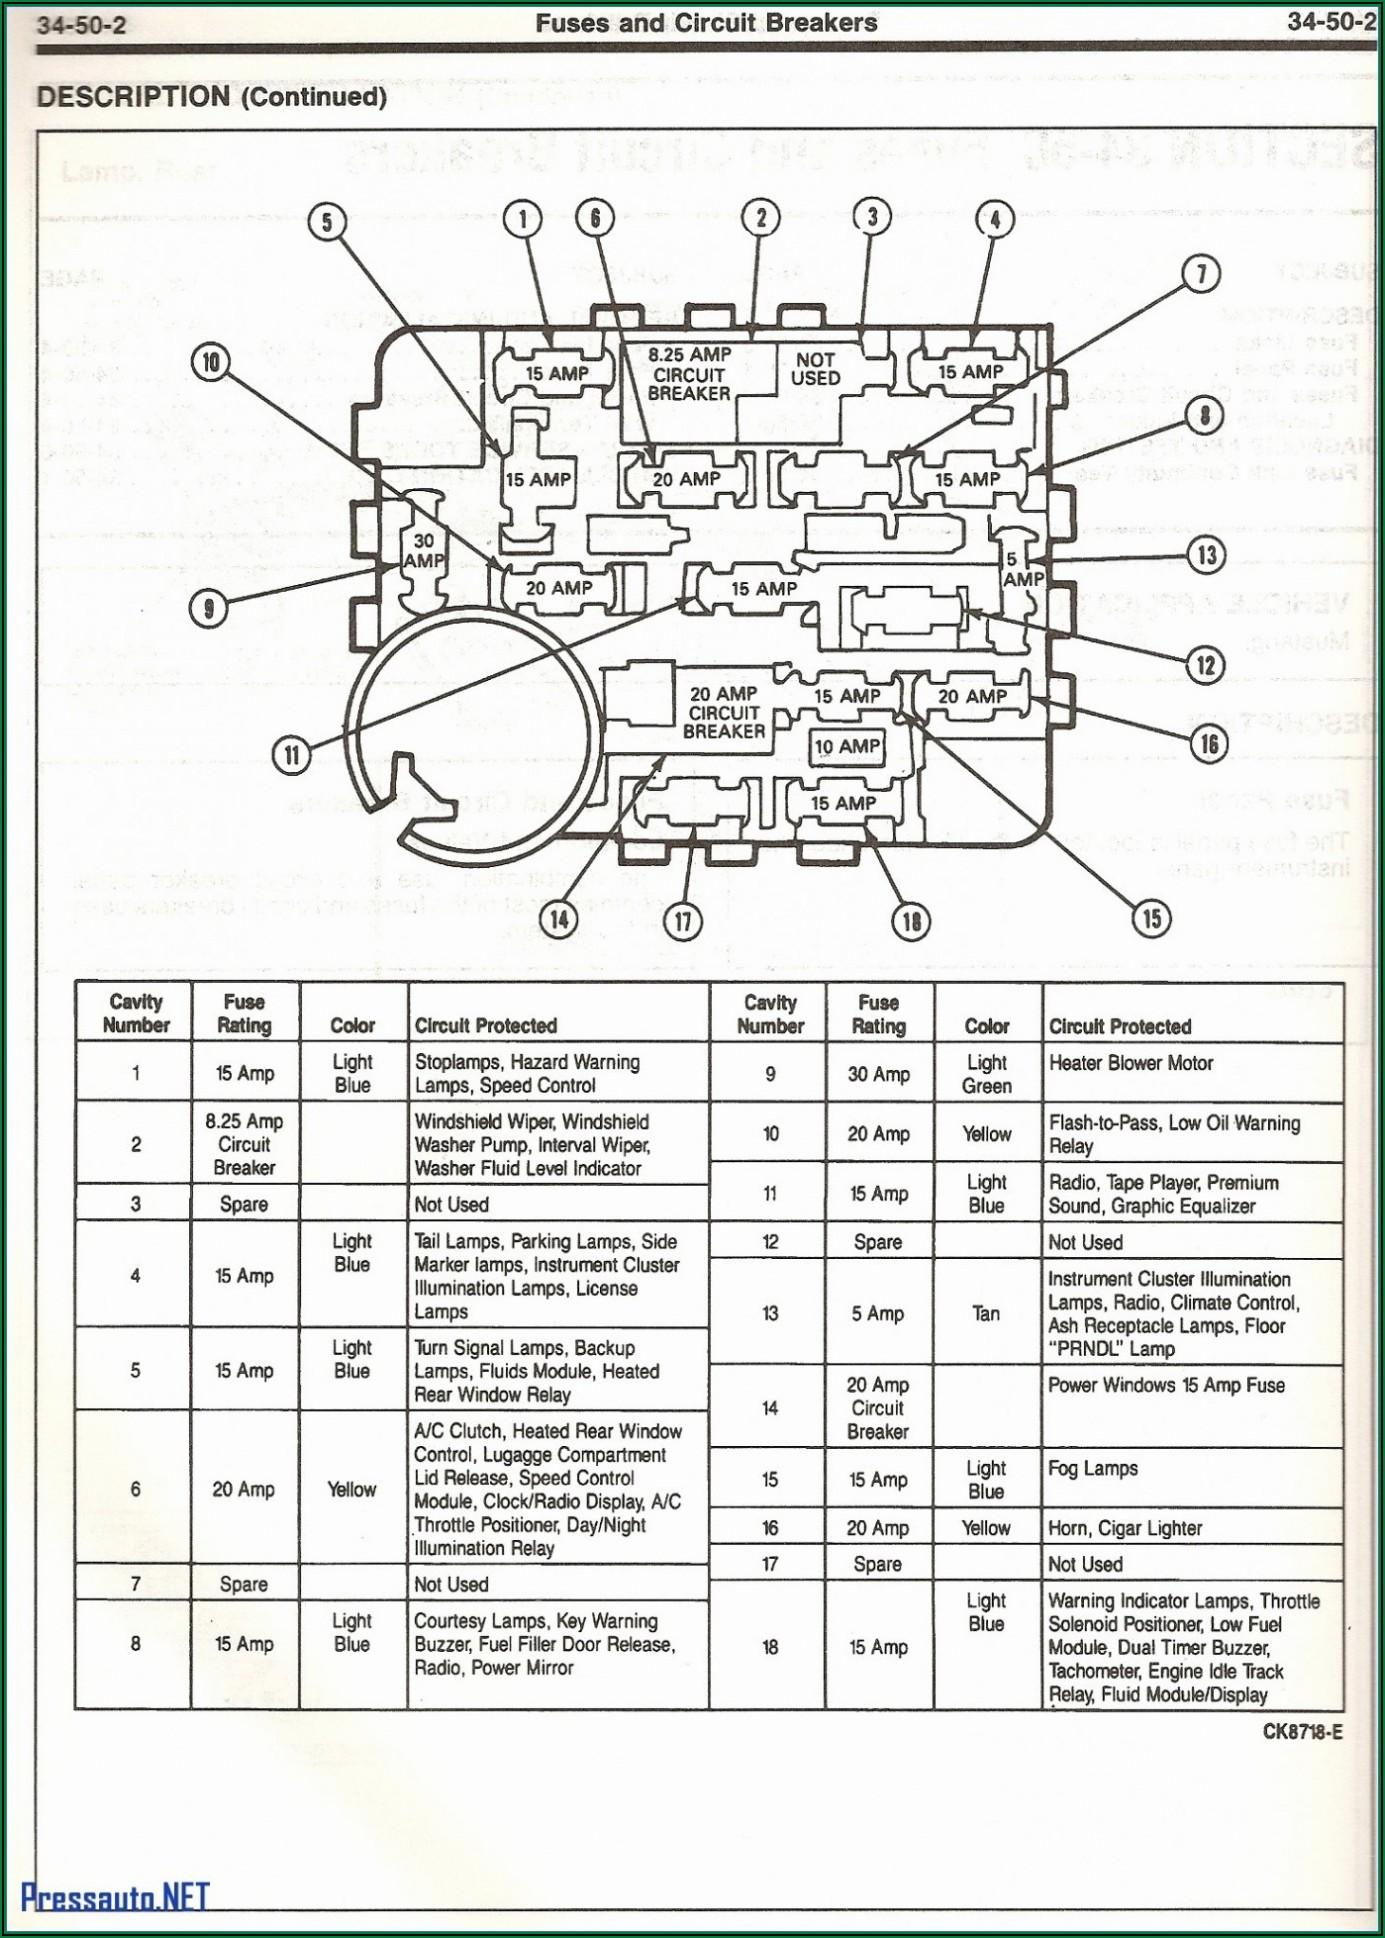 2002 Ford F150 Fuse Box Diagram Under Dash